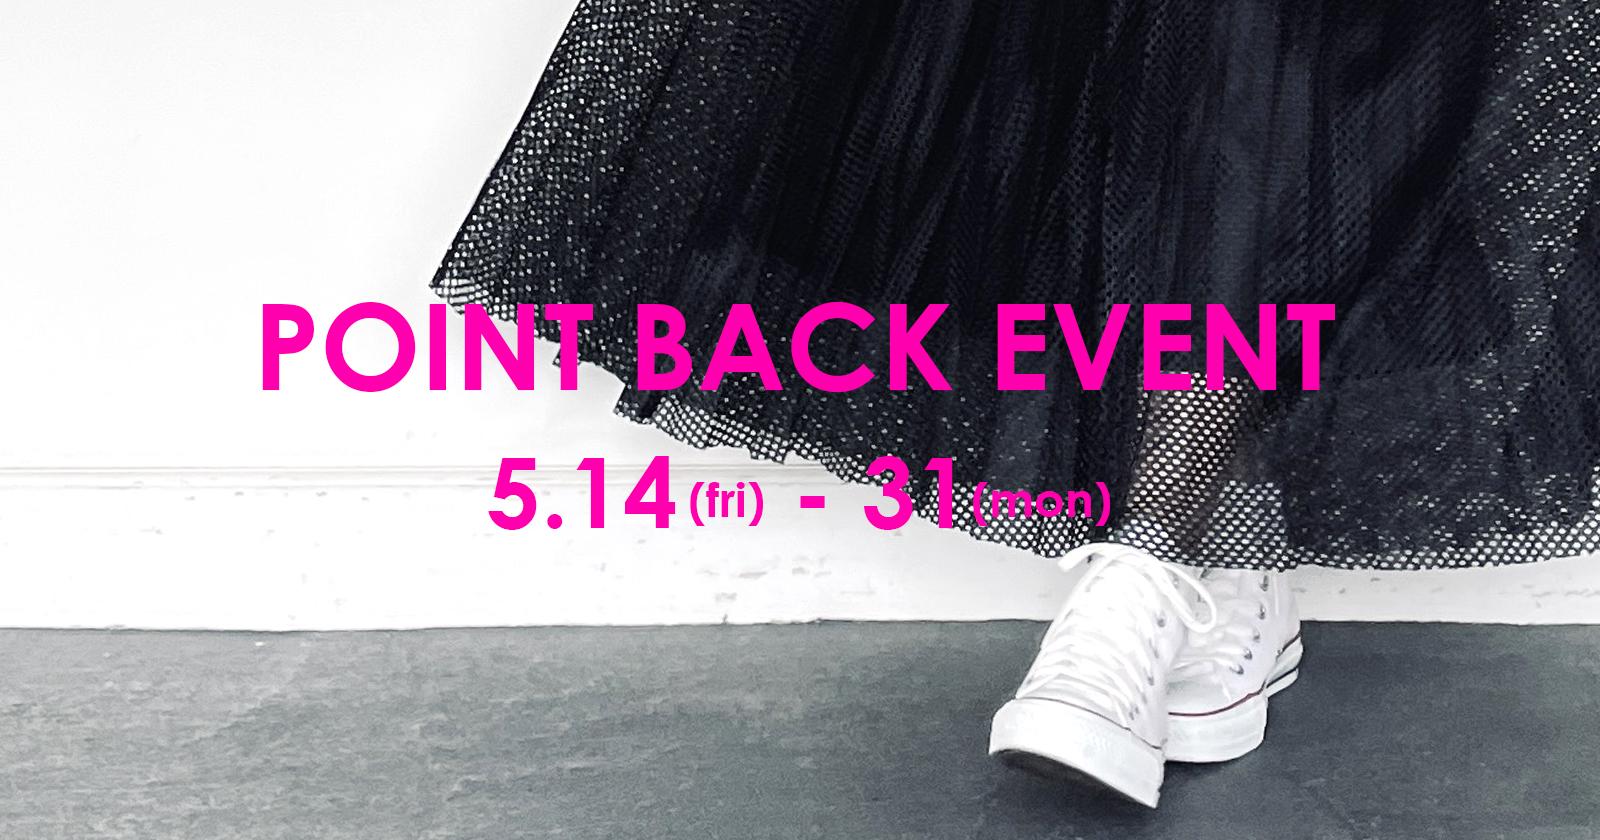 レディースファッションブランドENTO2021春夏コレクションポイントバックイベント開催